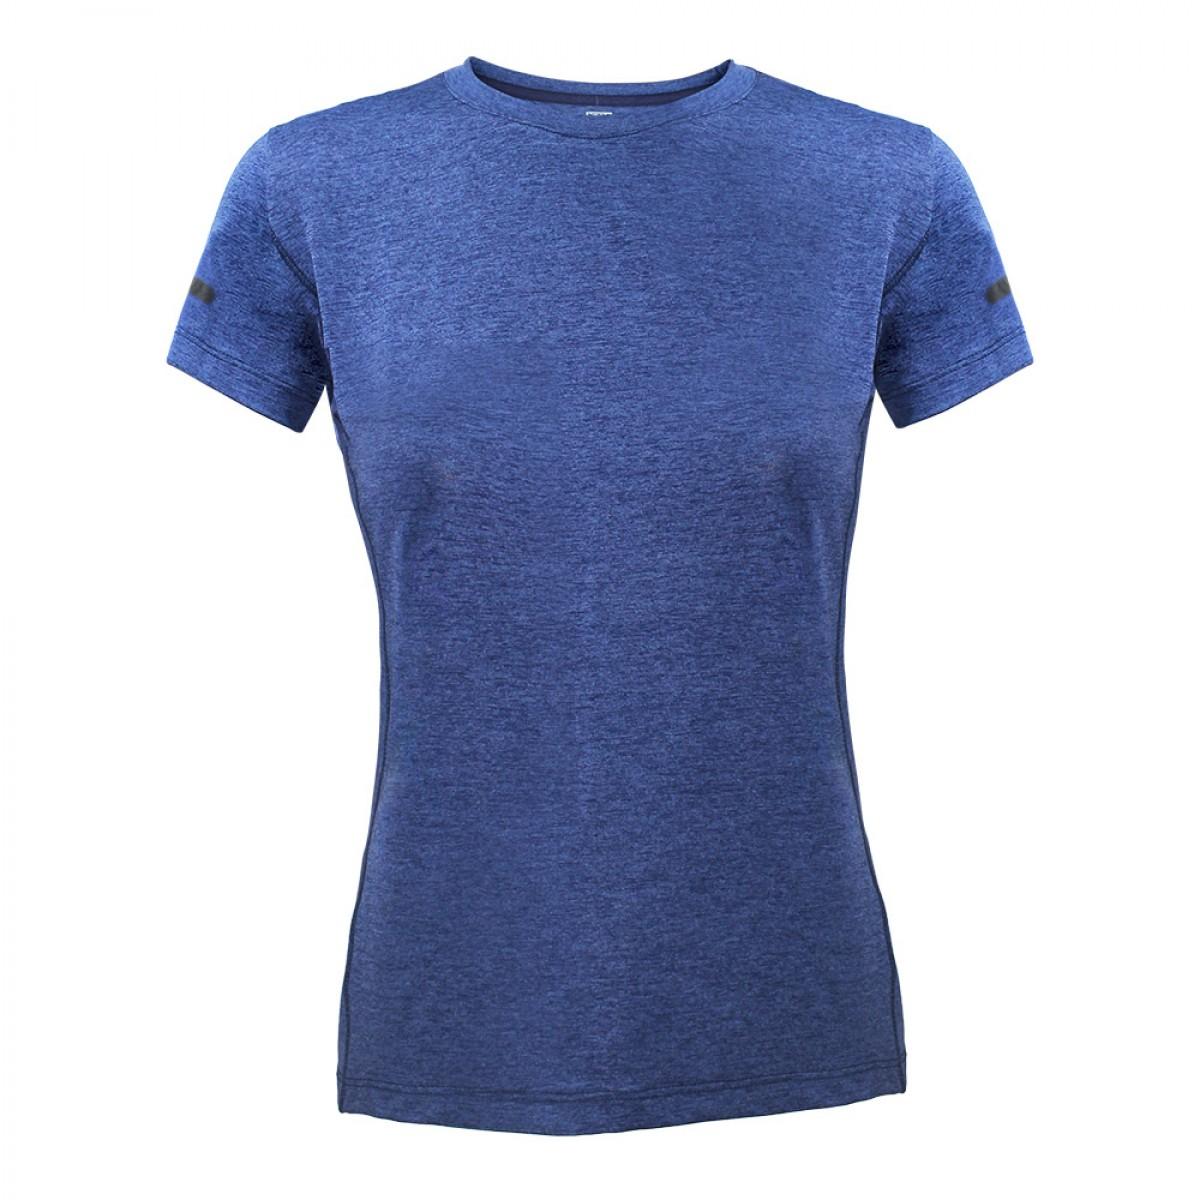 women-knit-round-neck-t-shirt-kkrt16930-5a